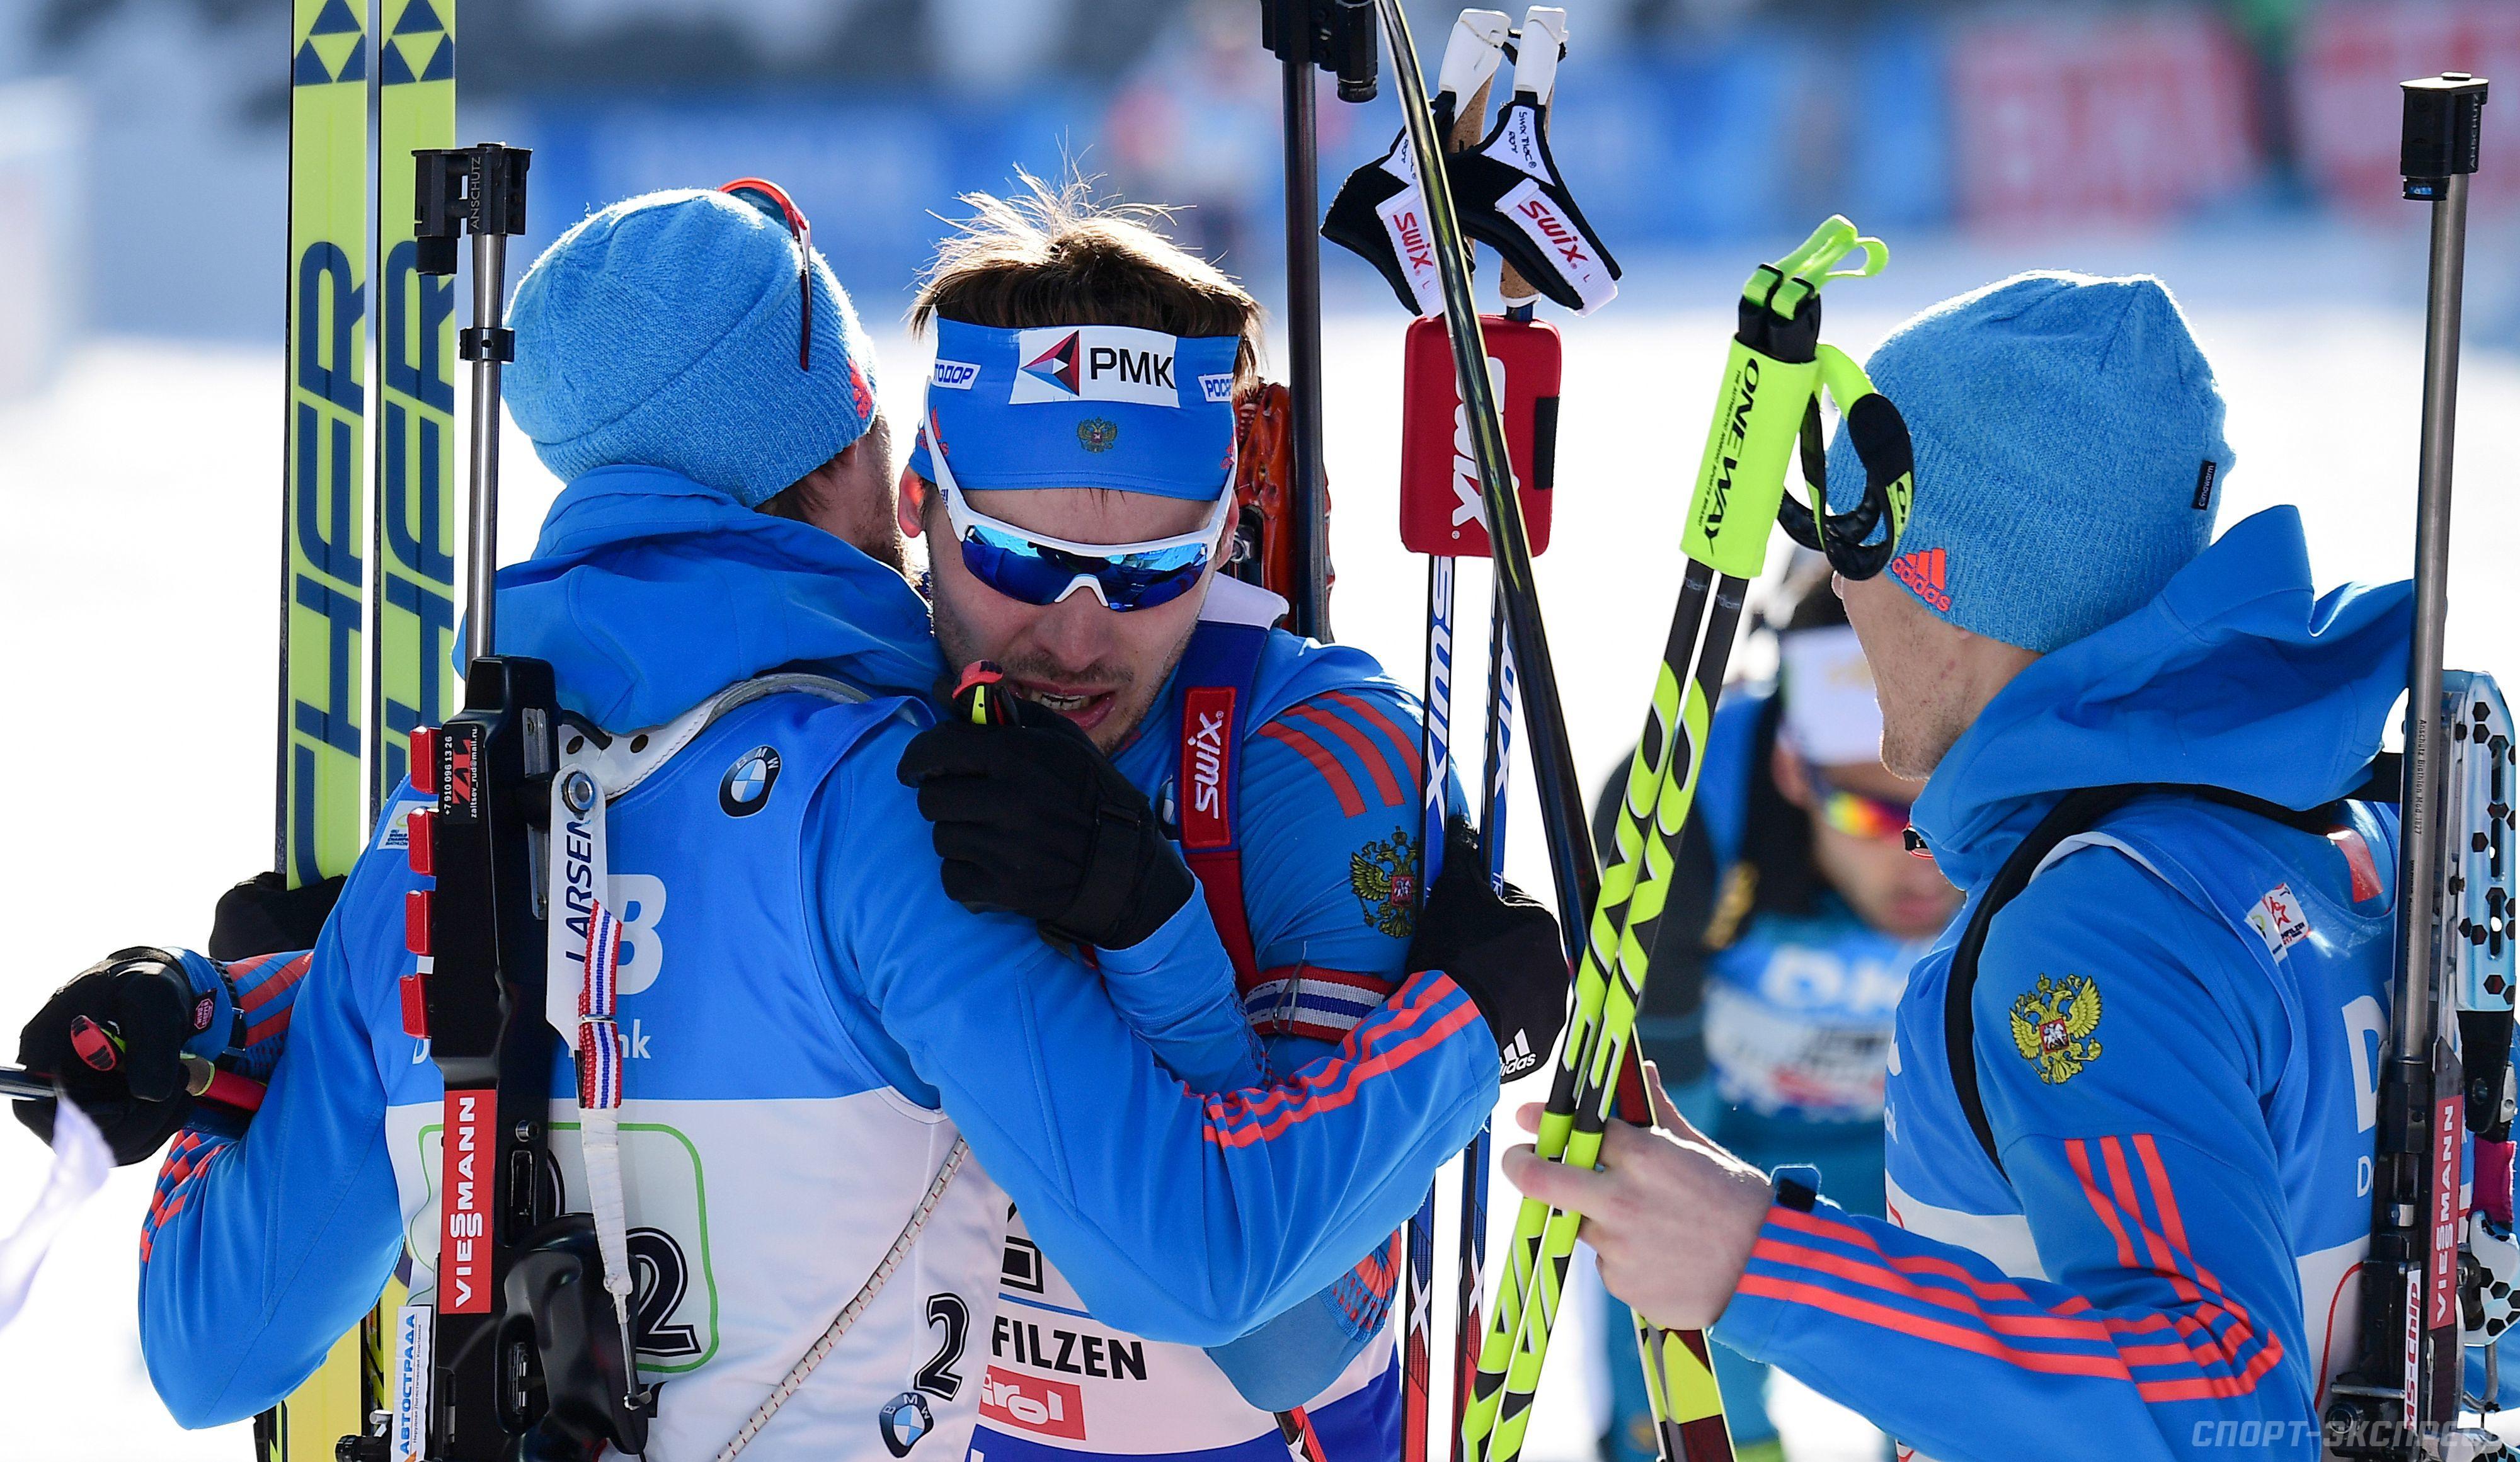 Украинские биатлонисты показали худший результат за последние 16 индивидуальных гонок